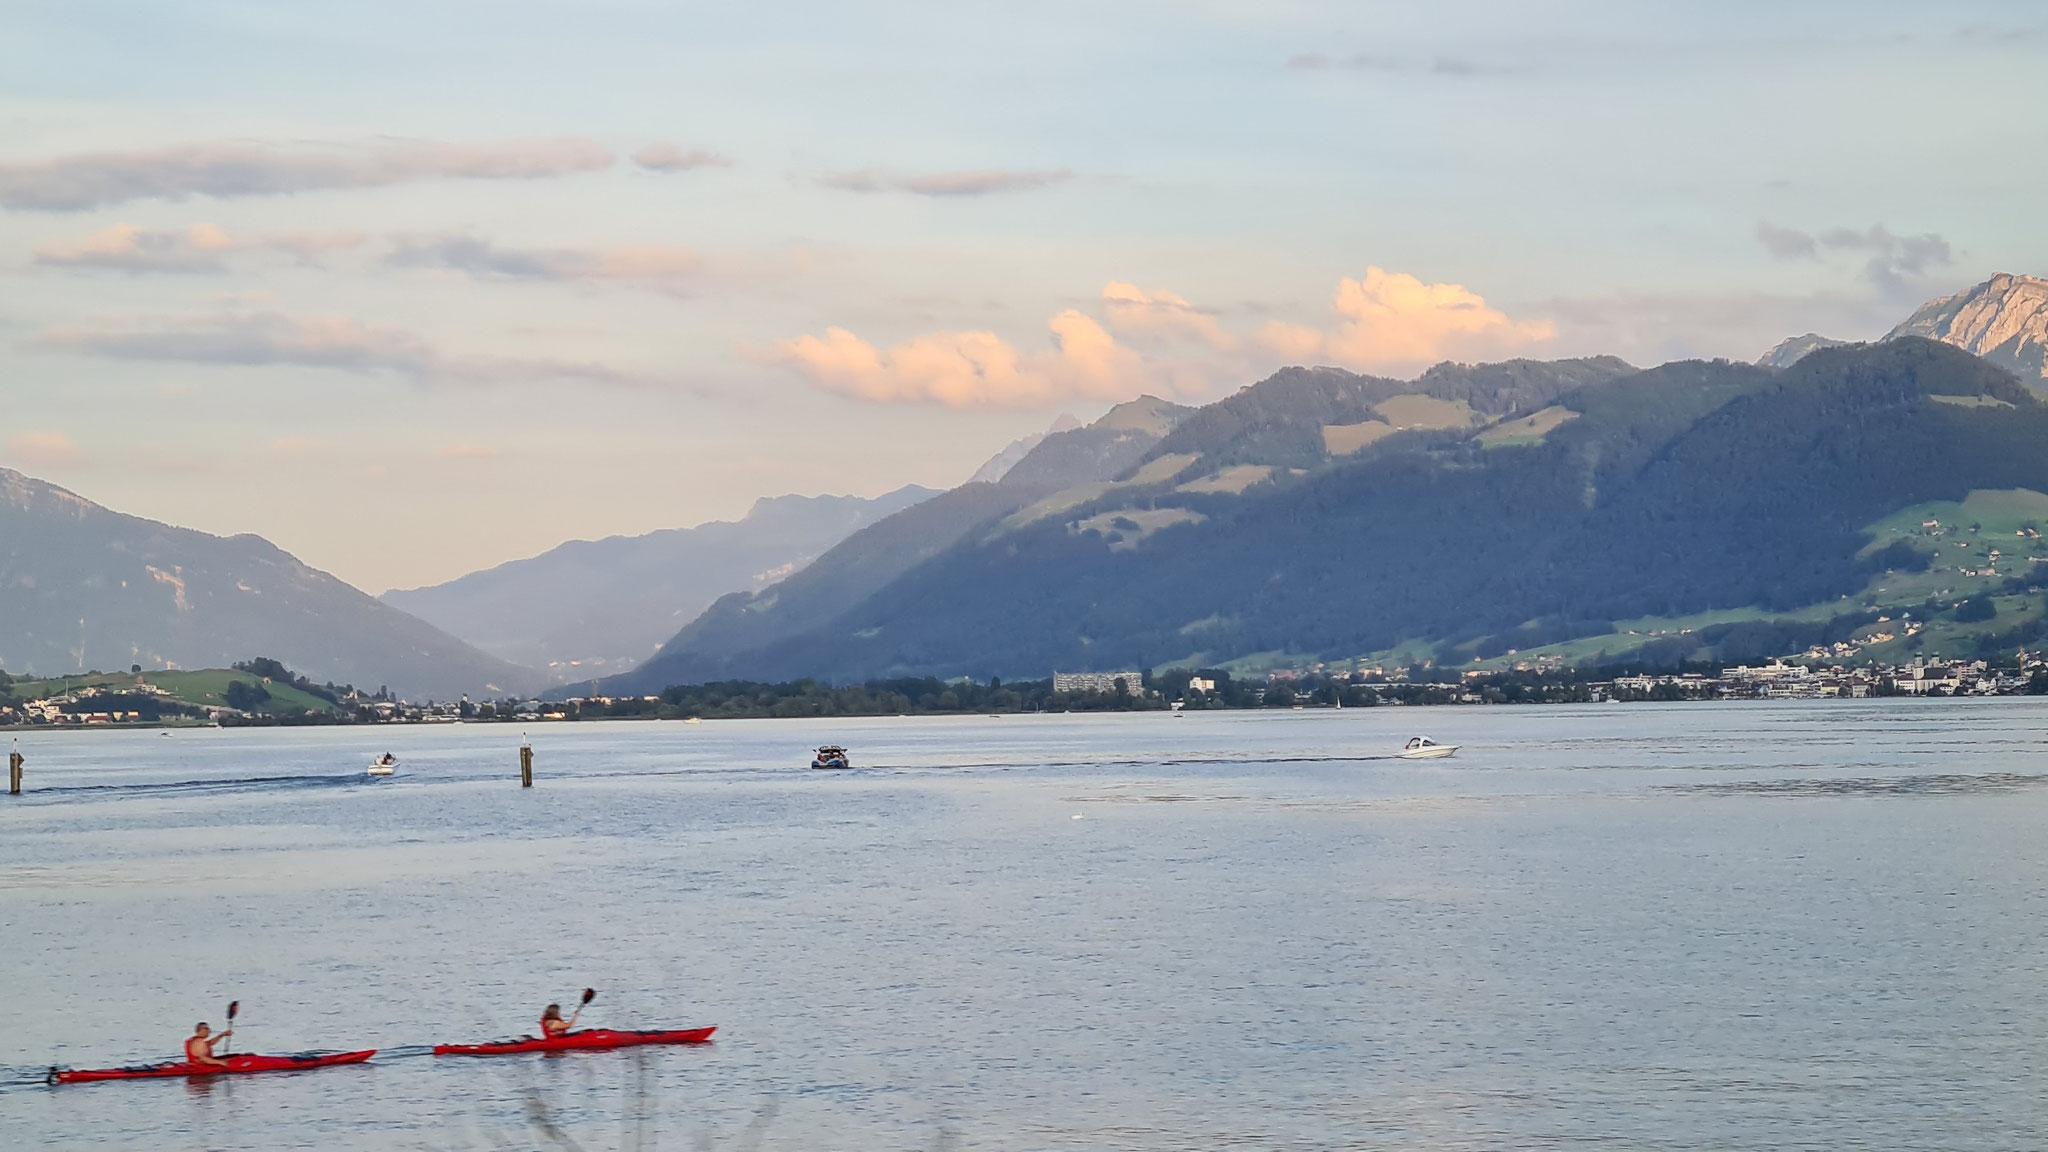 Auf dem Zürichsee ist noch einiges los